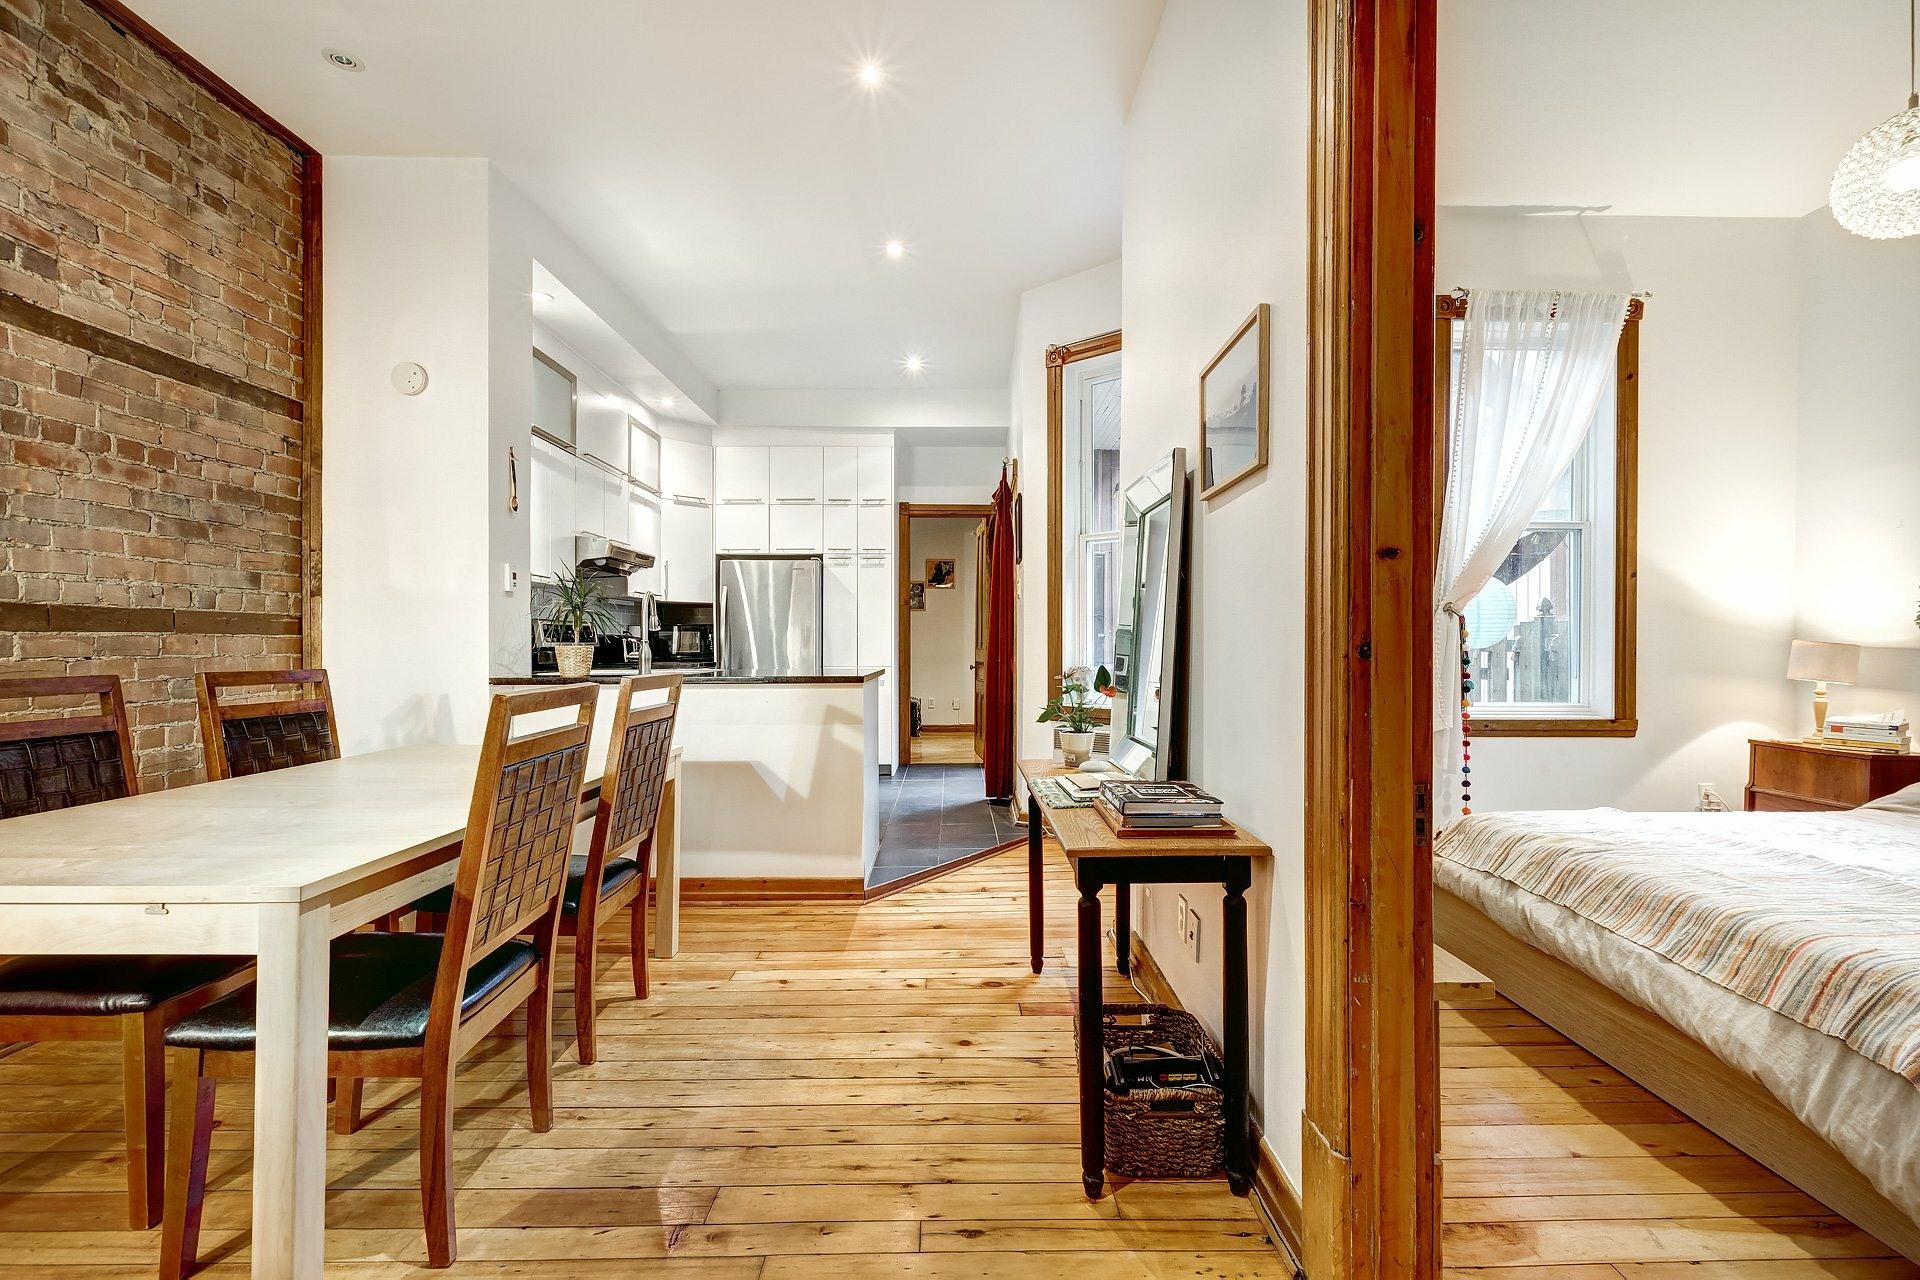 image 3 - Apartment For sale Le Plateau-Mont-Royal Montréal  - 6 rooms